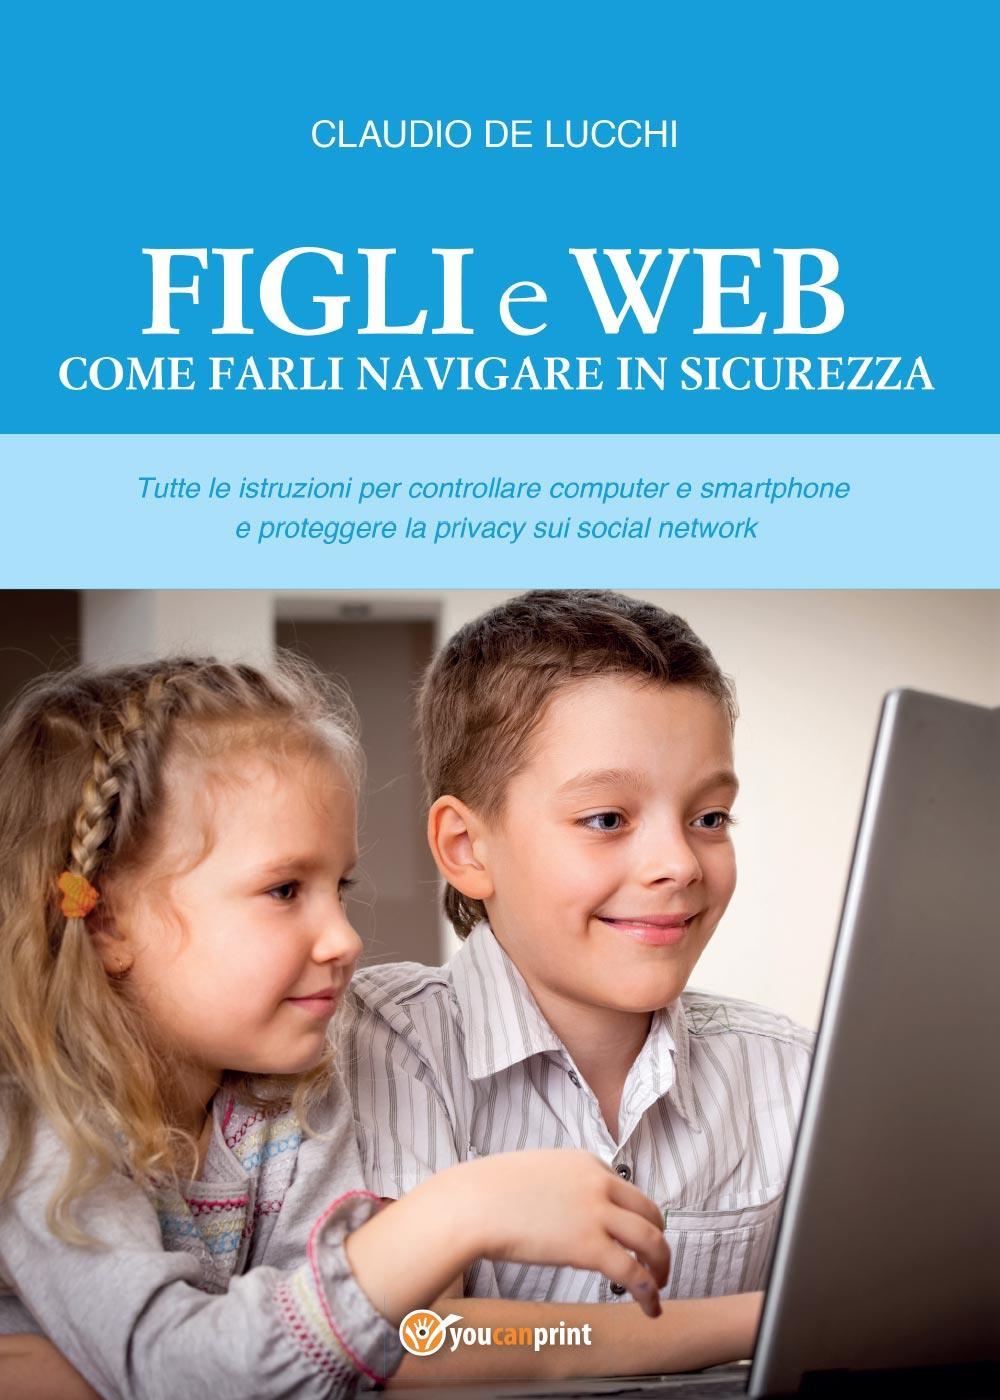 Figli e web - Come farli navigare in sicurezza